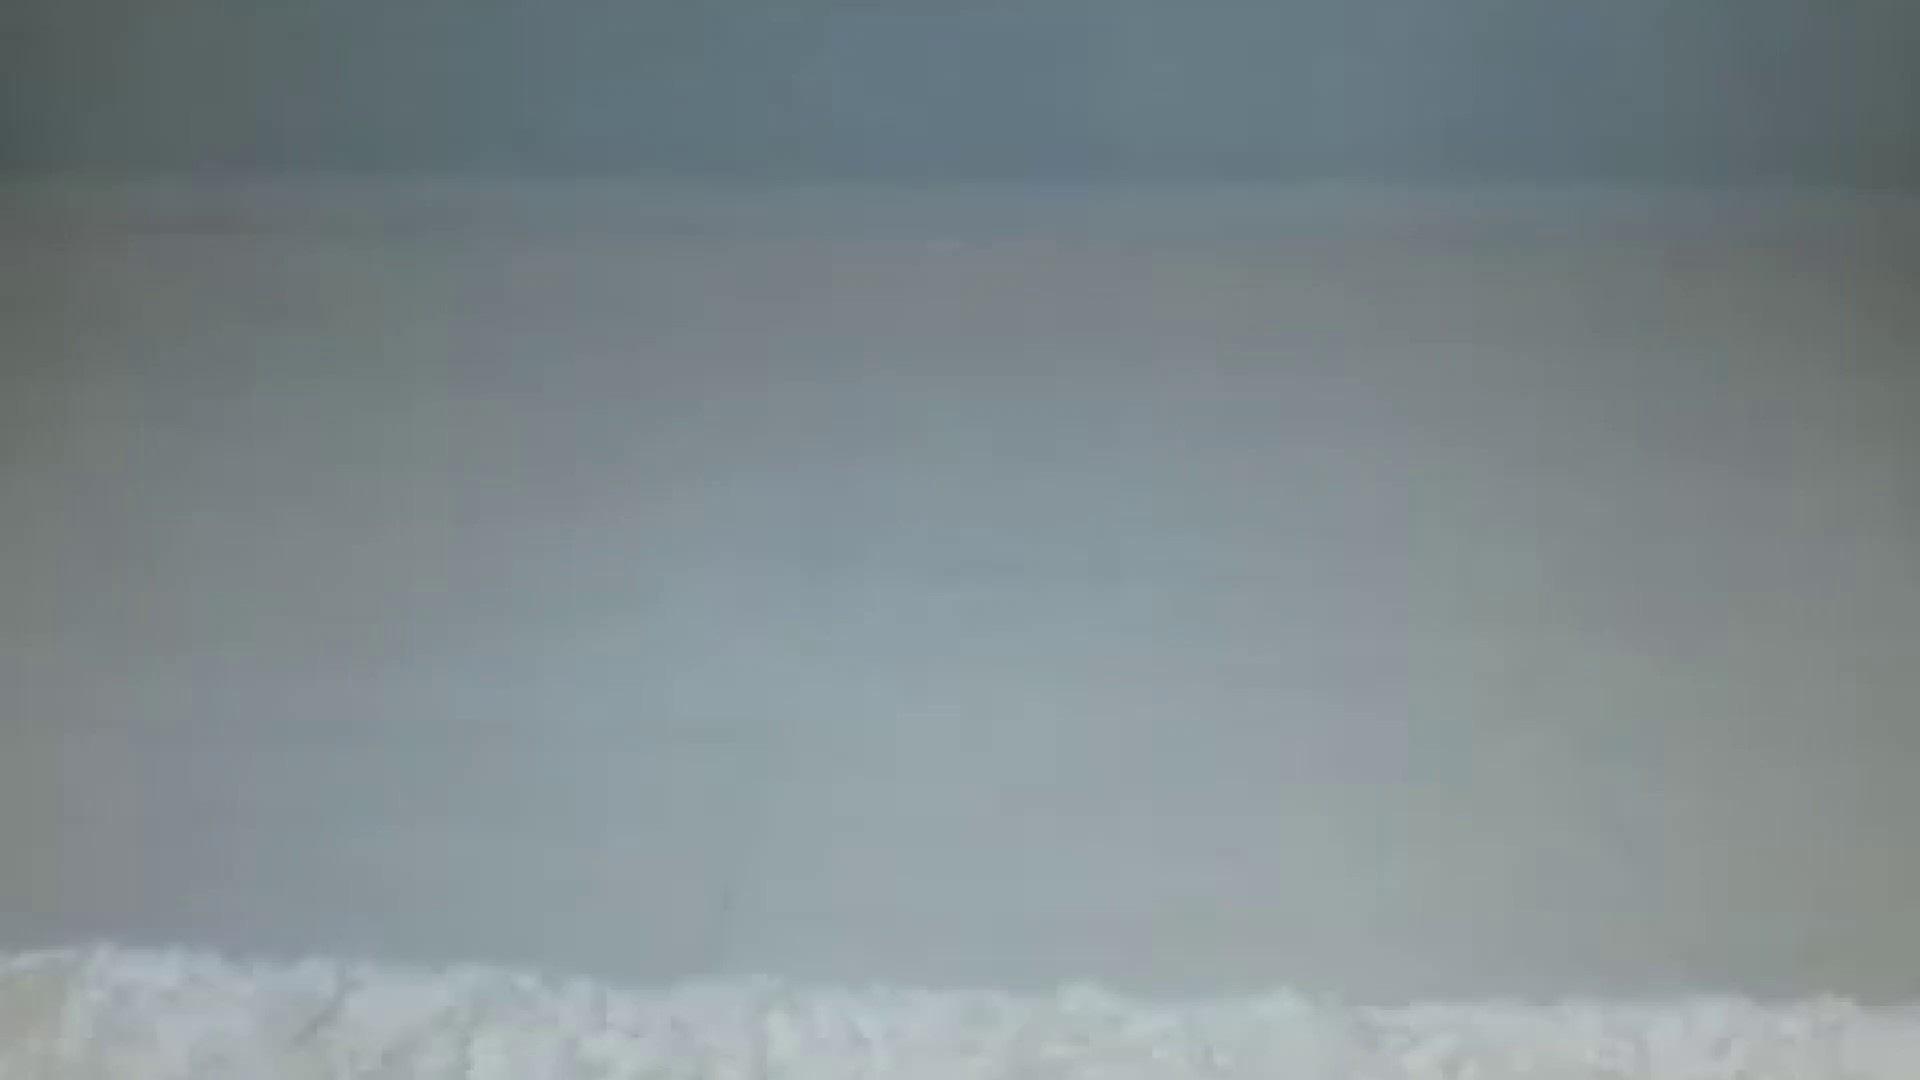 ~厳選!素人イケメン~俺のオナニズムⅢVol.07 流出作品 ゲイフェラチオ画像 111pic 72